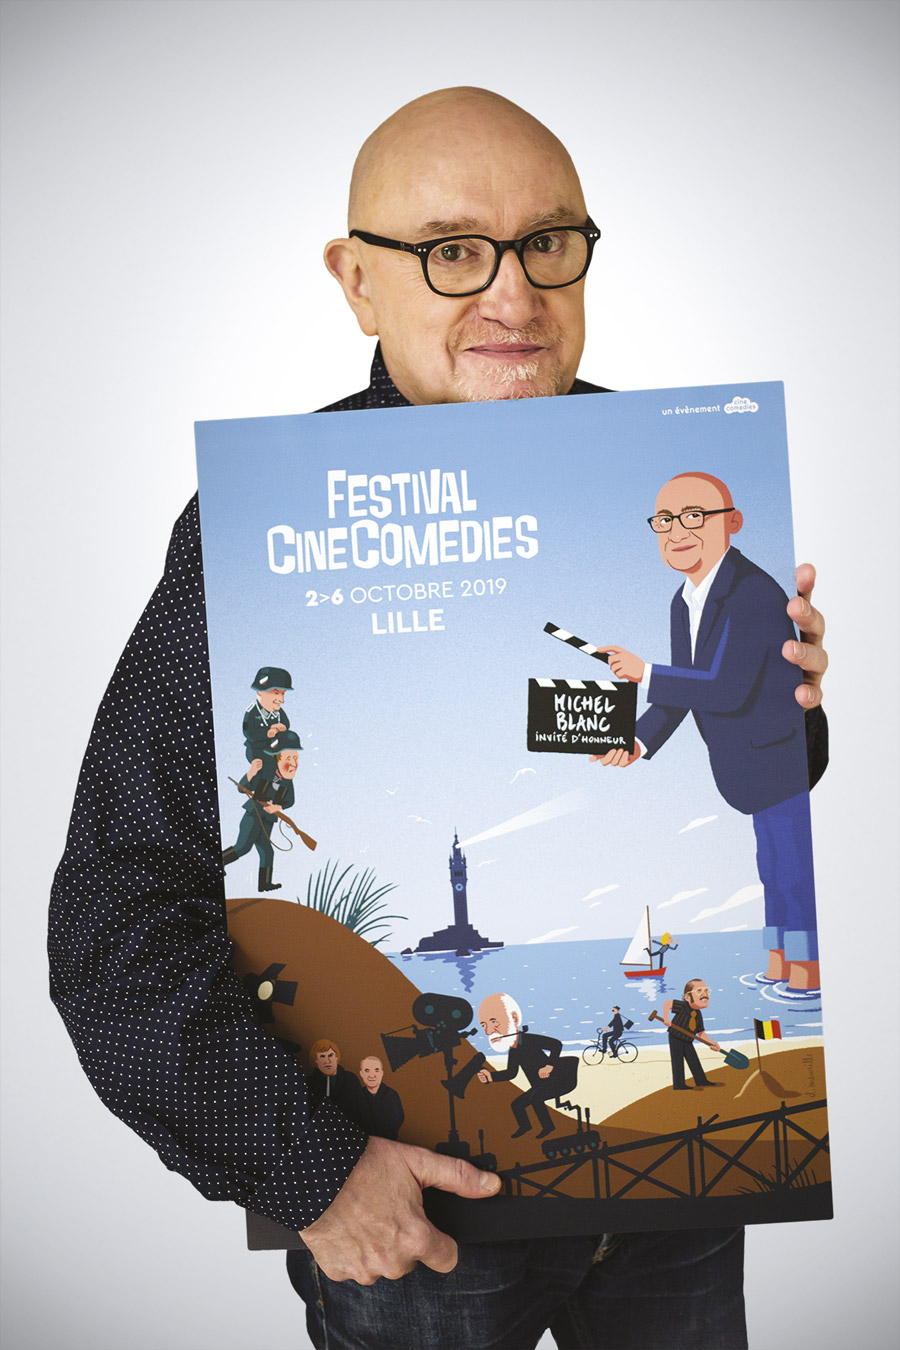 Michel Blanc invité d'honneur du festival CineComedies 2019